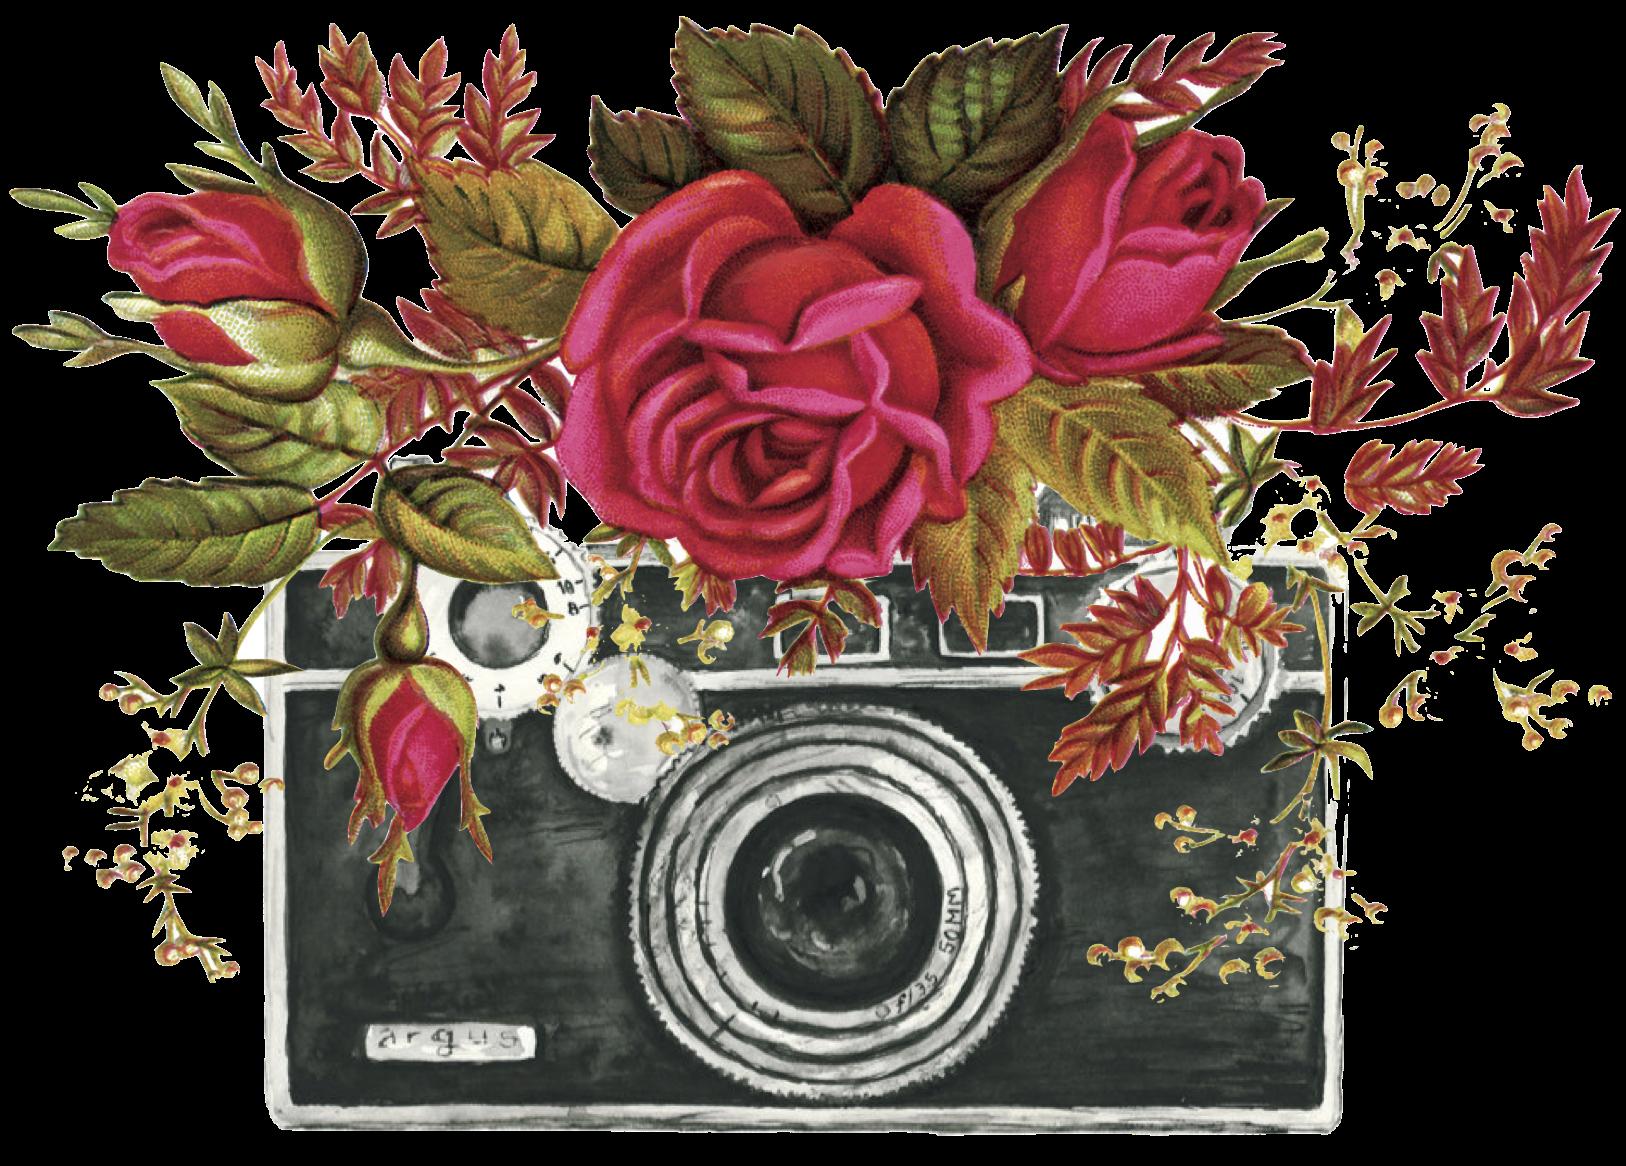 camera flower designs transp.png